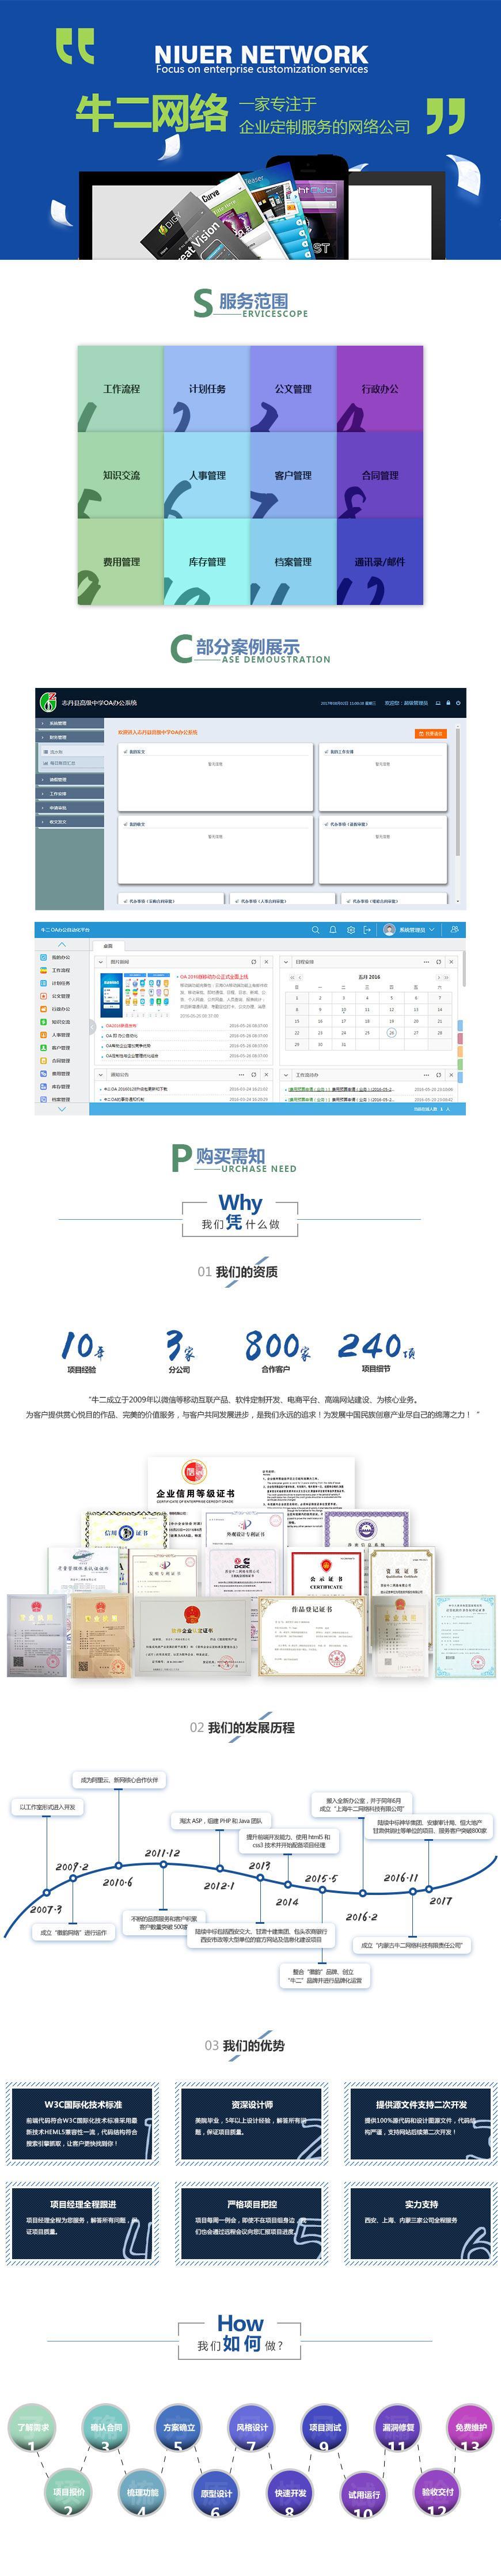 10办公管理系统.jpg